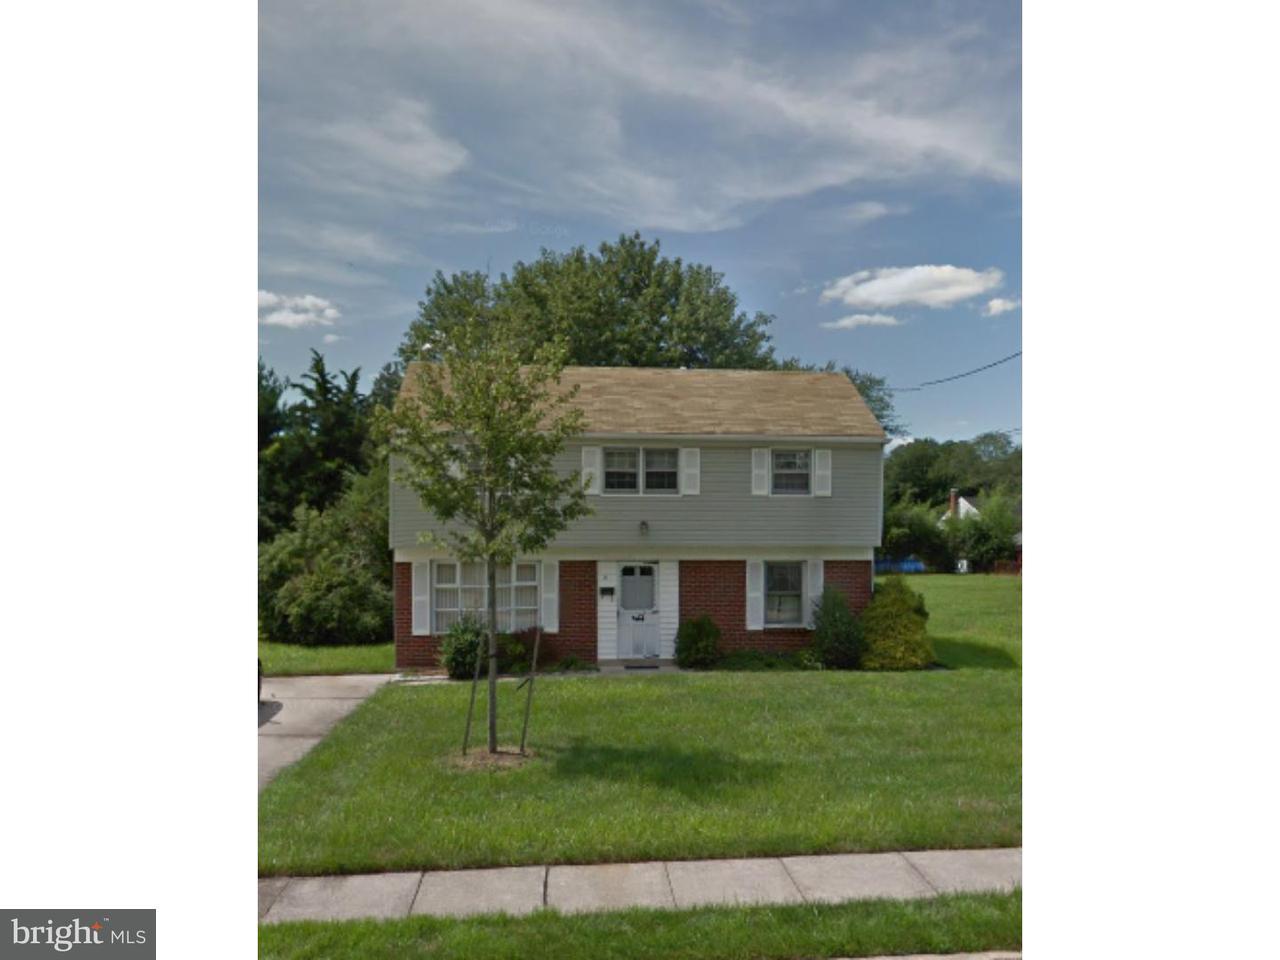 Casa Unifamiliar por un Venta en 17 KNOX BLVD Evesham, Nueva Jersey 08053 Estados Unidos